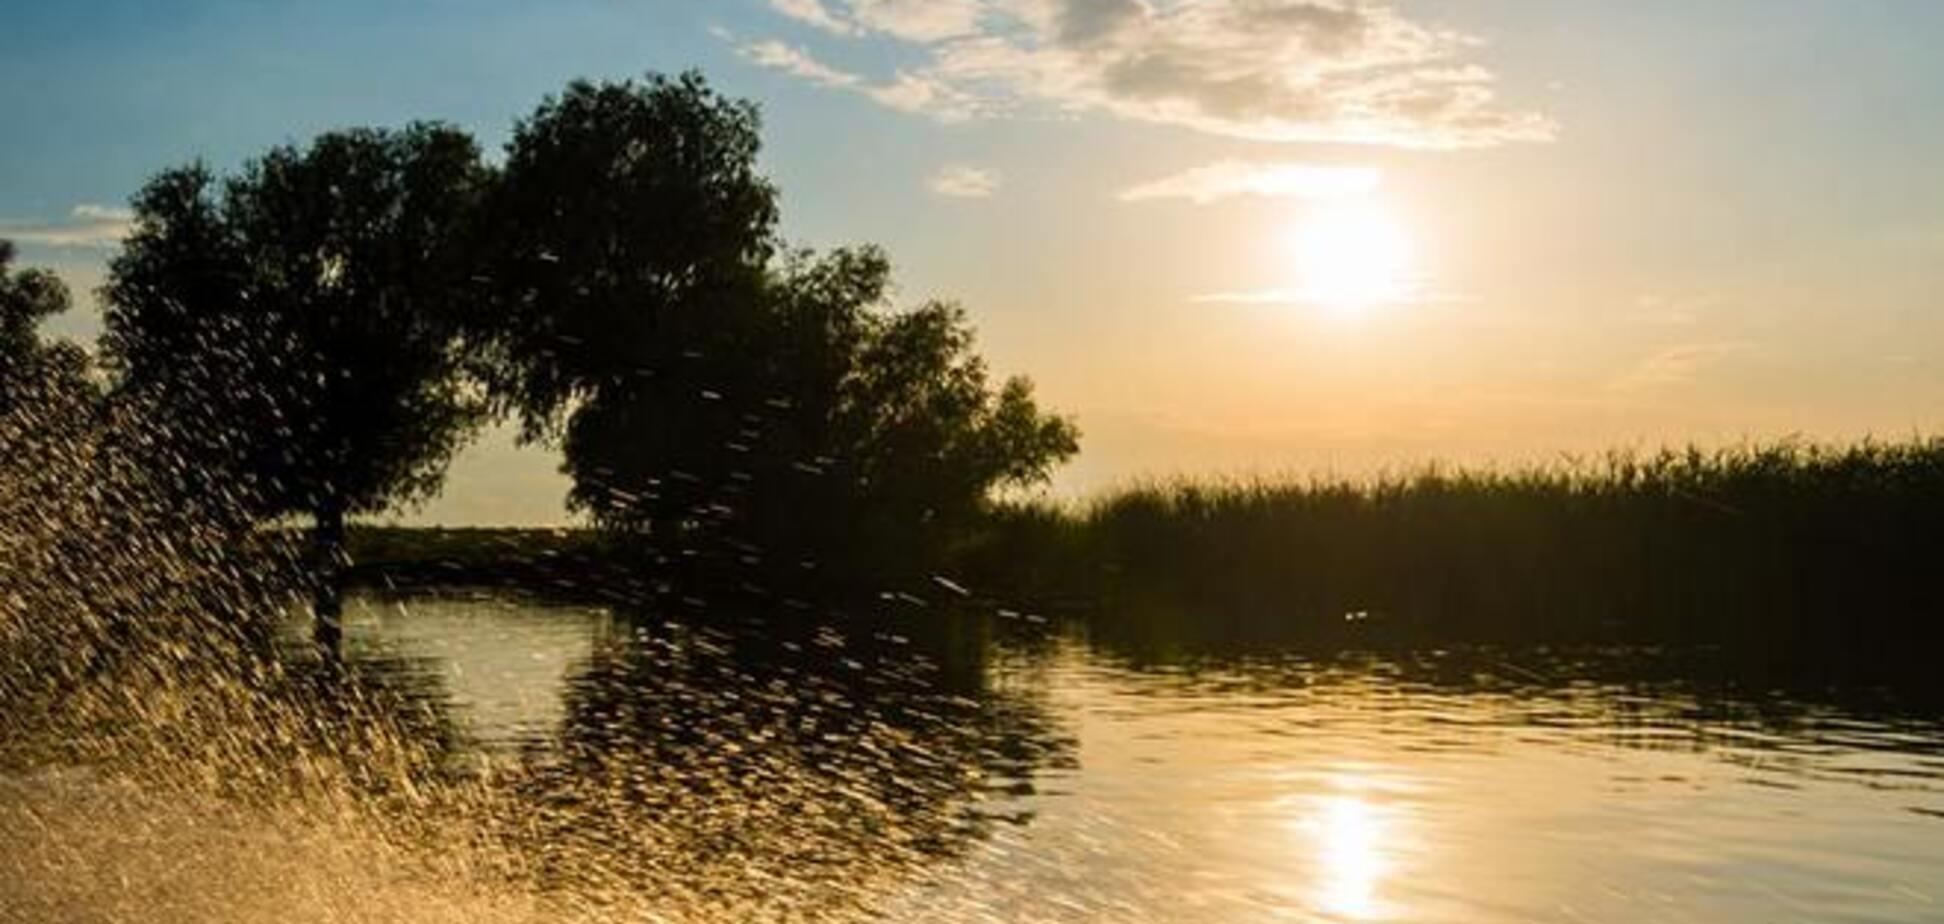 Вилково - 'украинская Венеция', завораживающая пейзажами